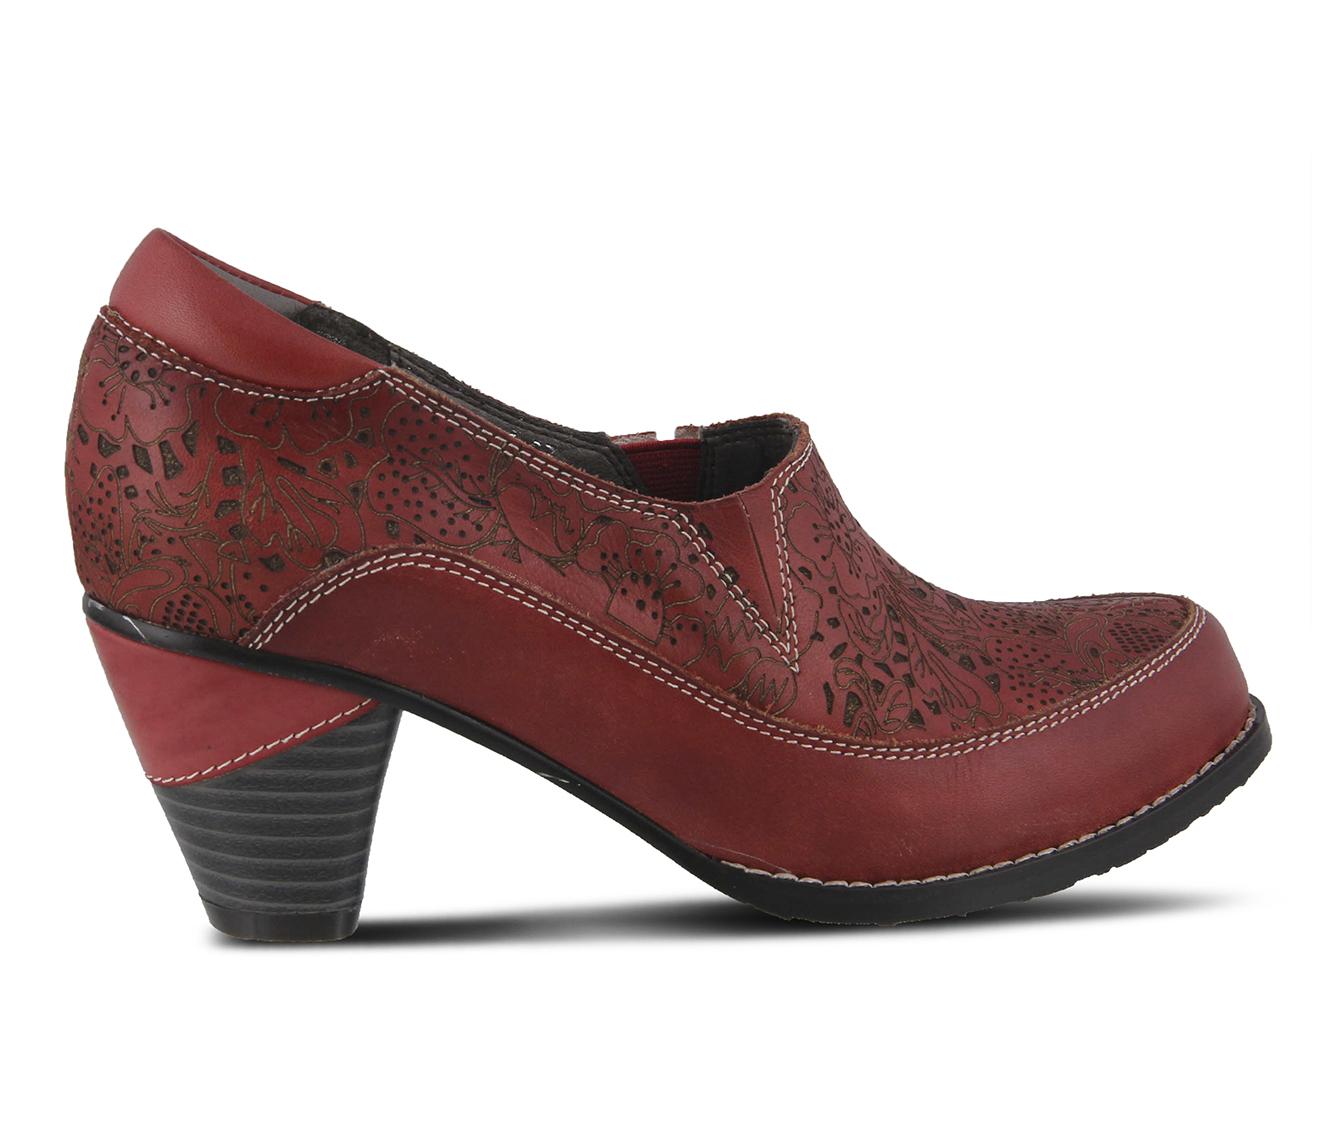 L'Artiste Liboreel Women's Dress Shoe (Red Leather)